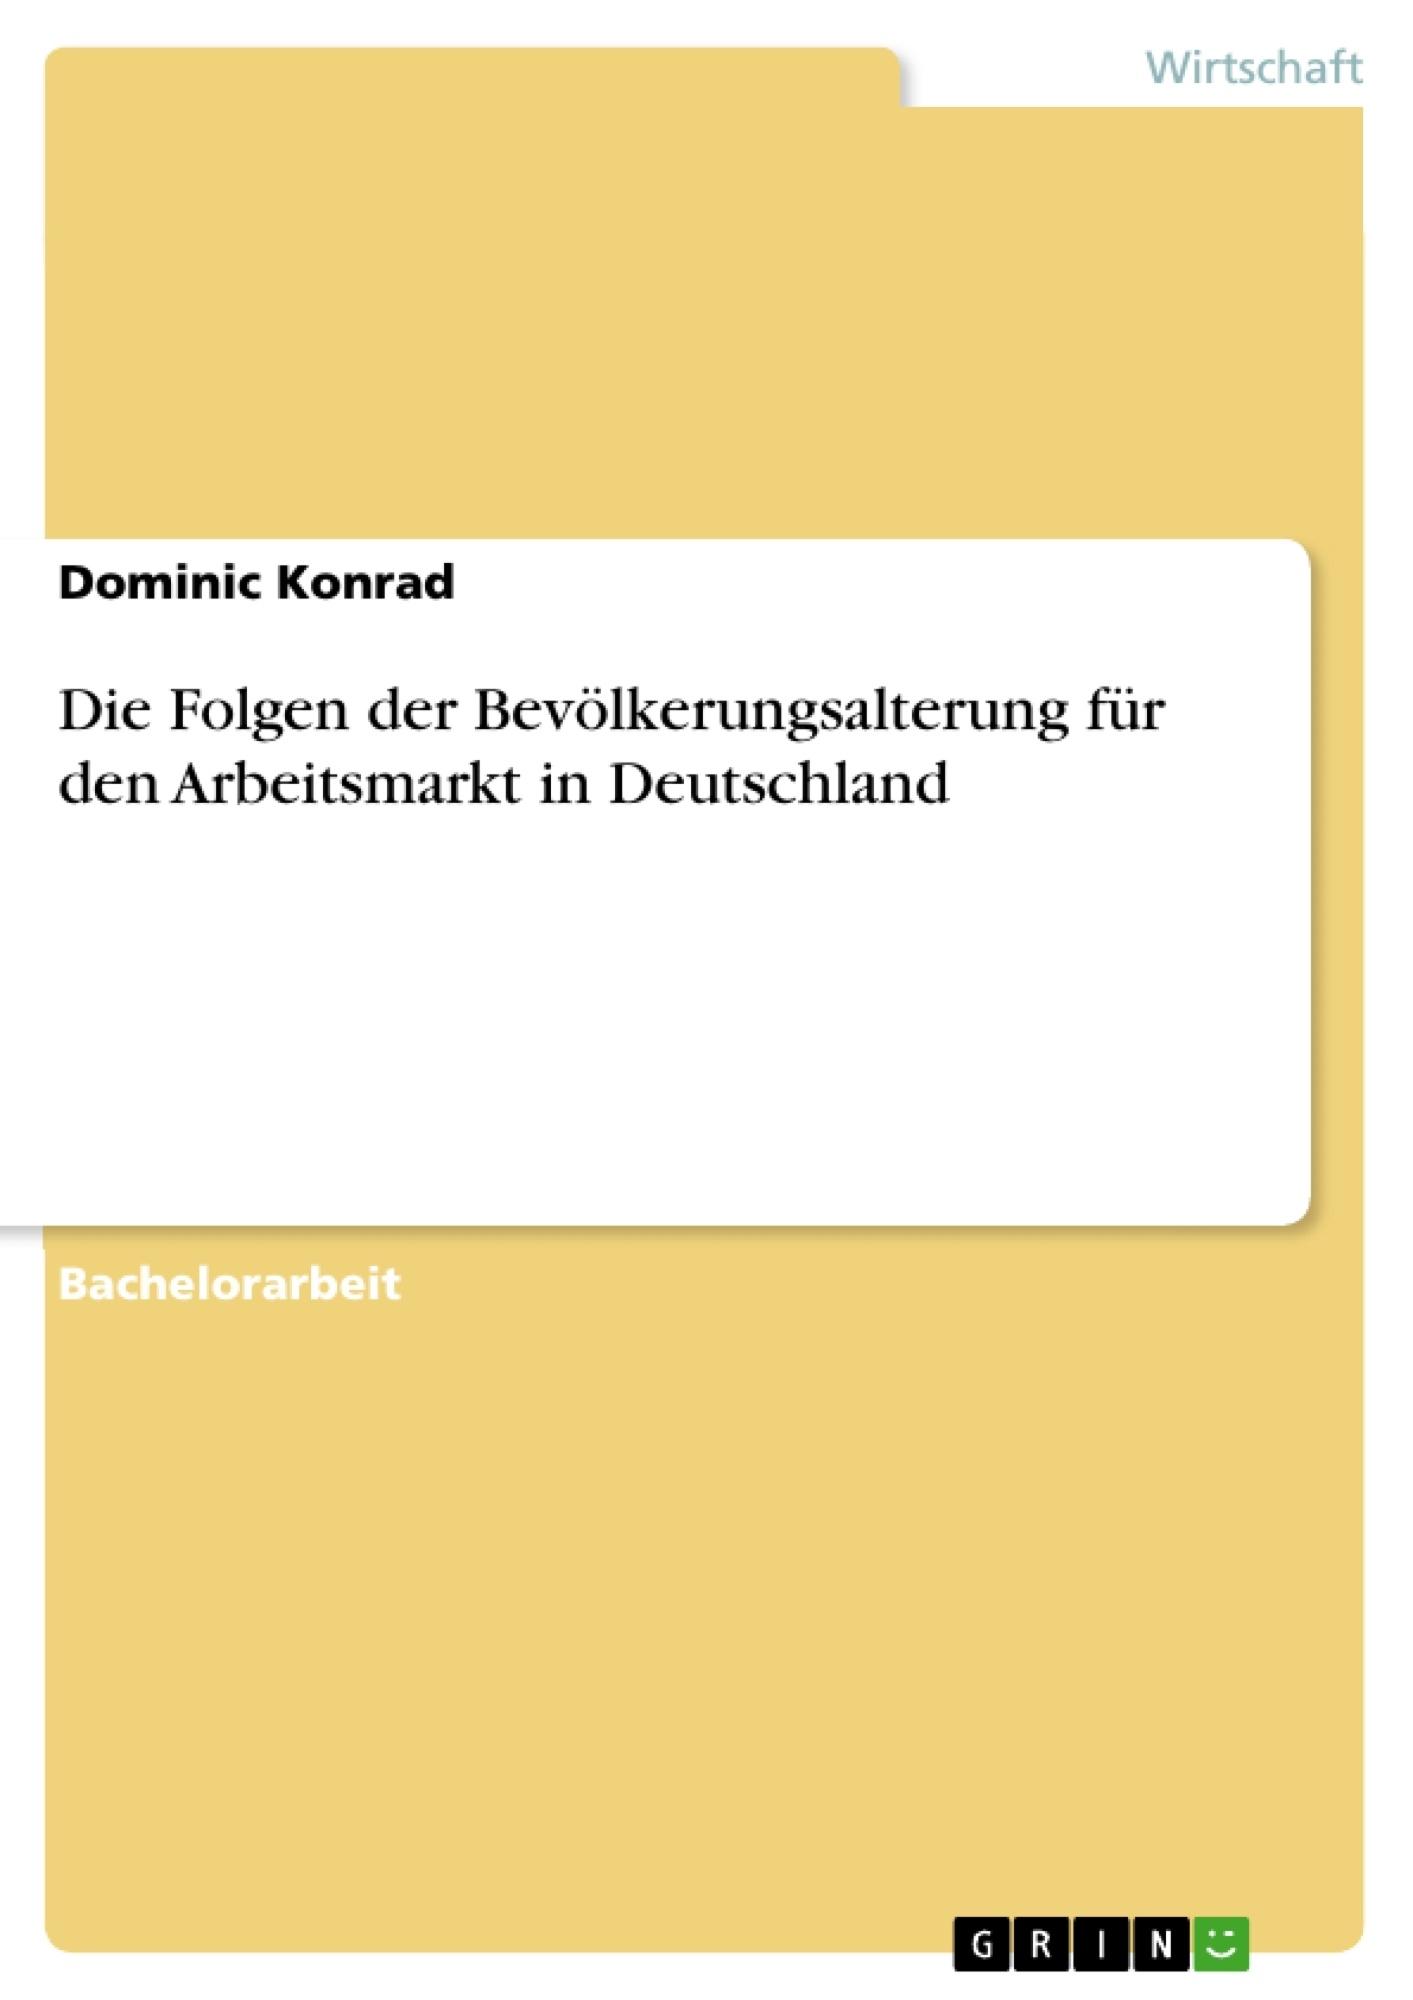 Titel: Die Folgen der Bevölkerungsalterung für den Arbeitsmarkt in Deutschland